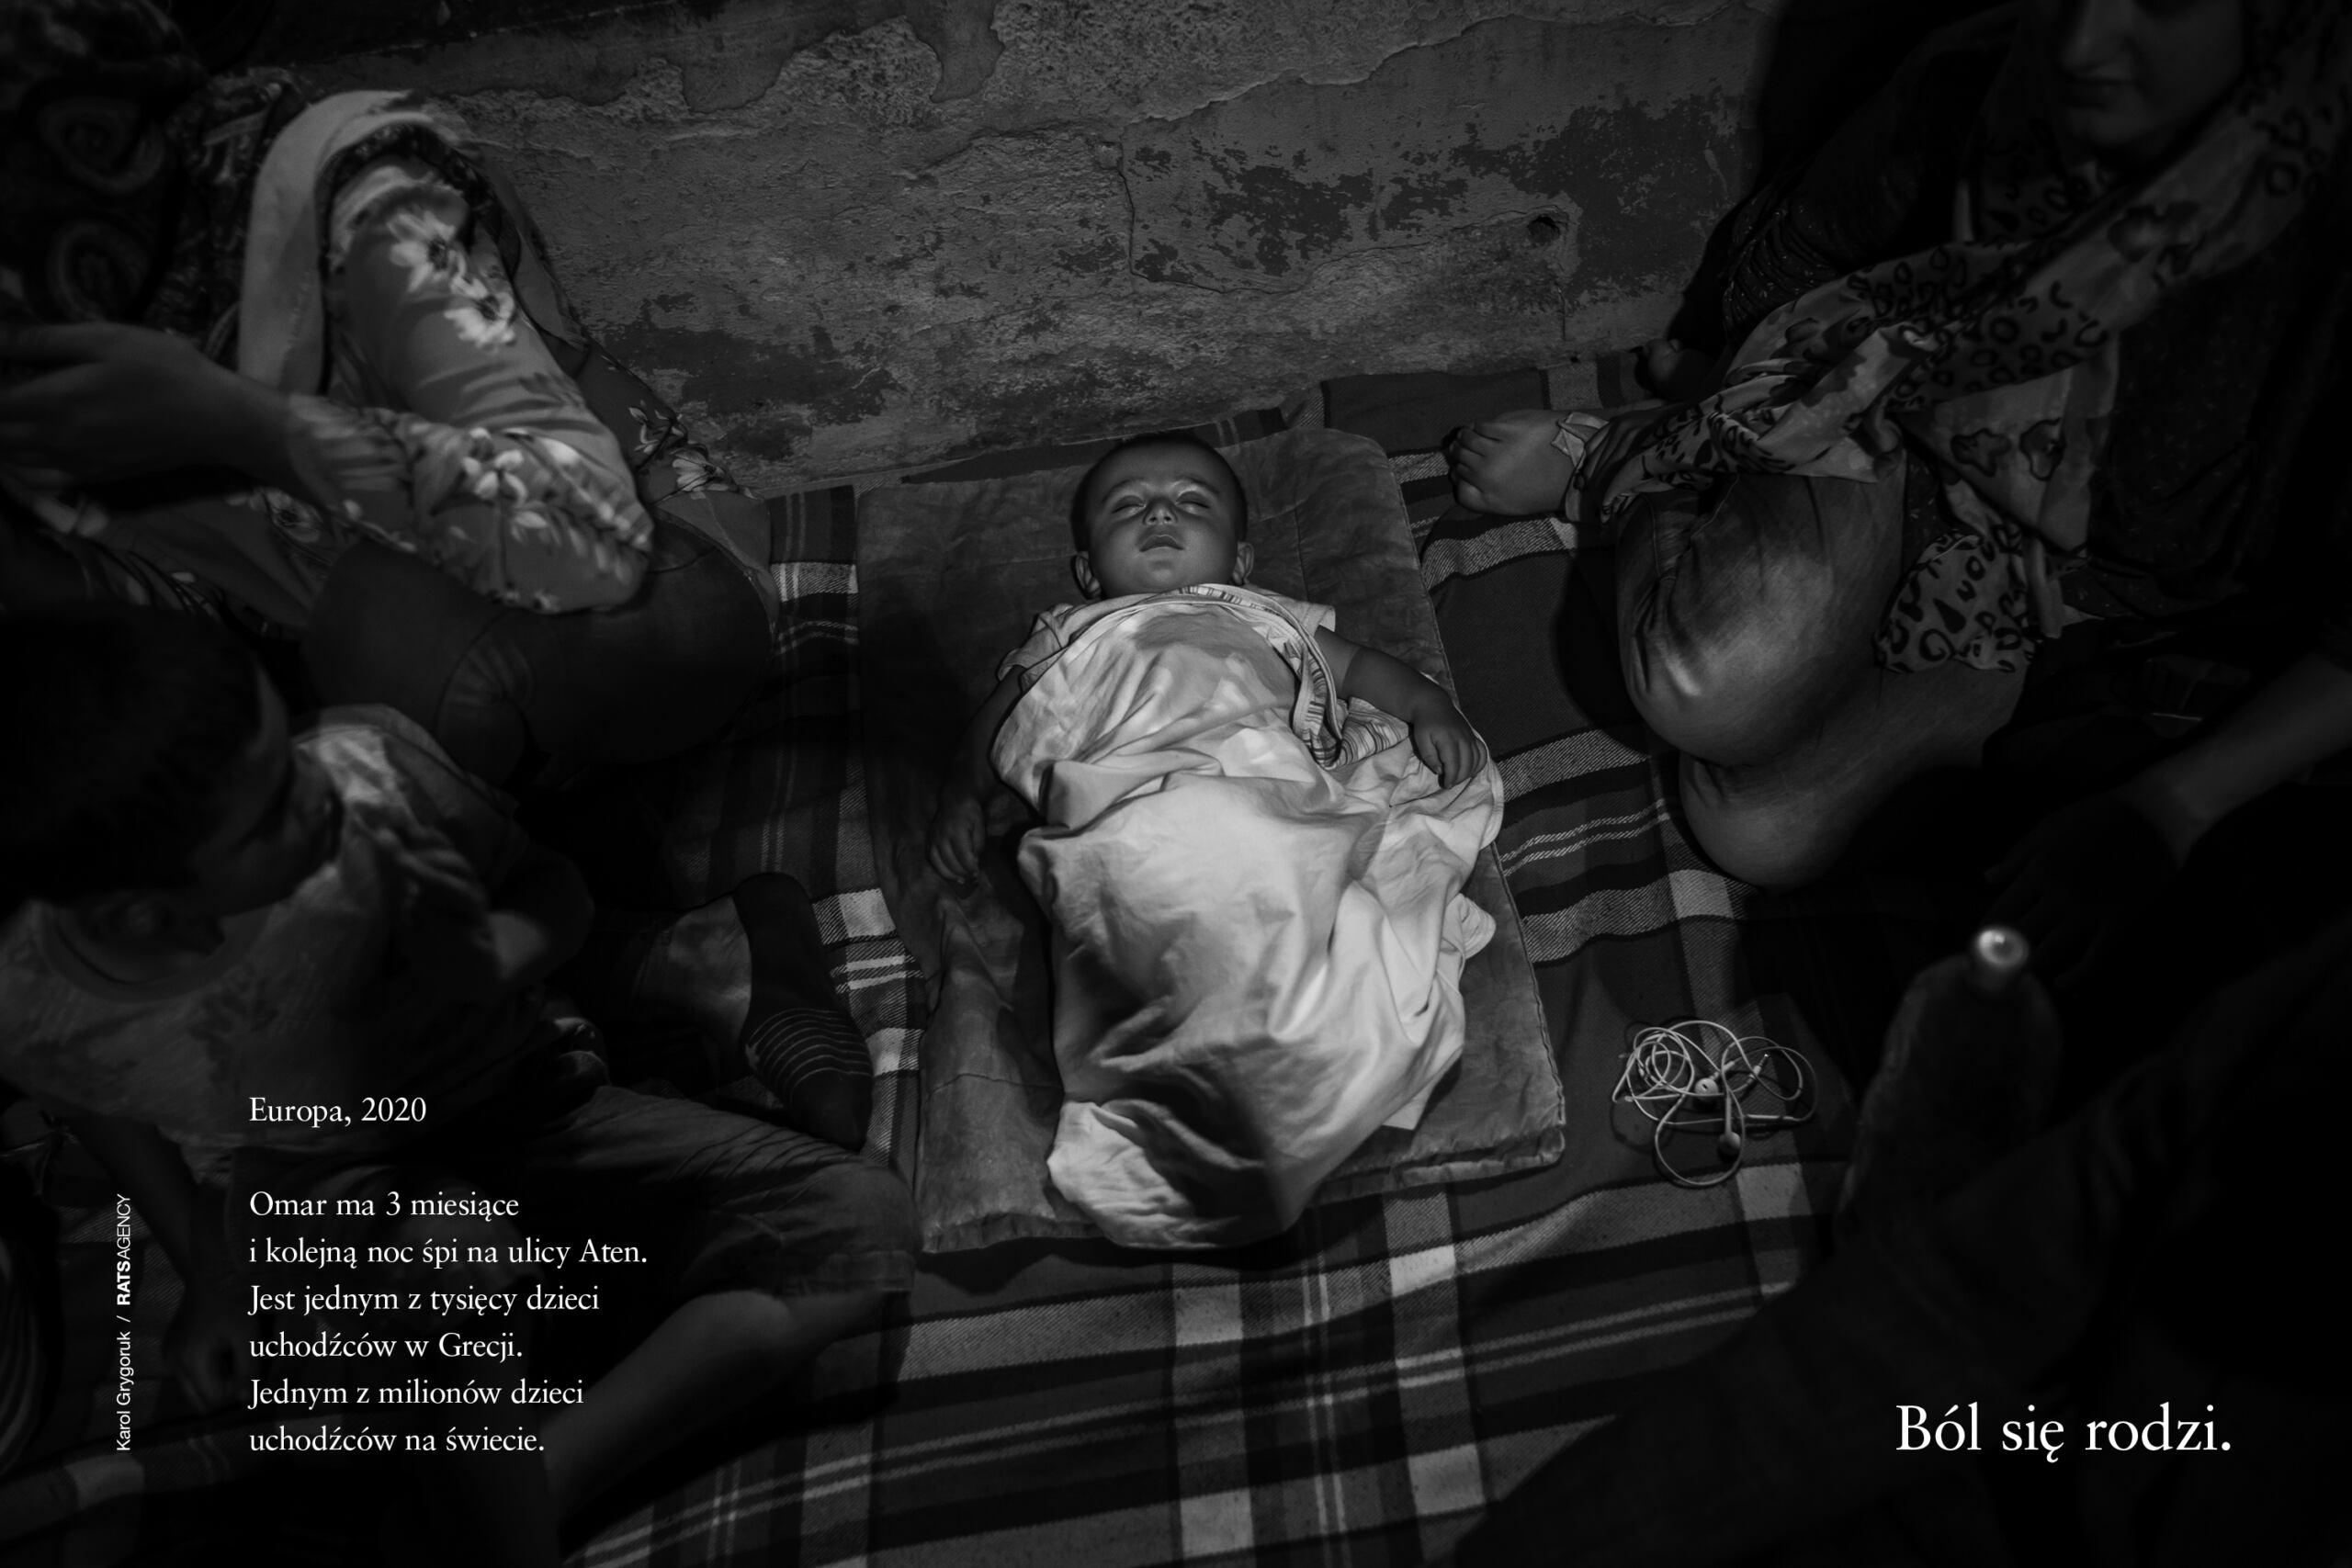 uchodźcy i Europa - zdjęcie Omara